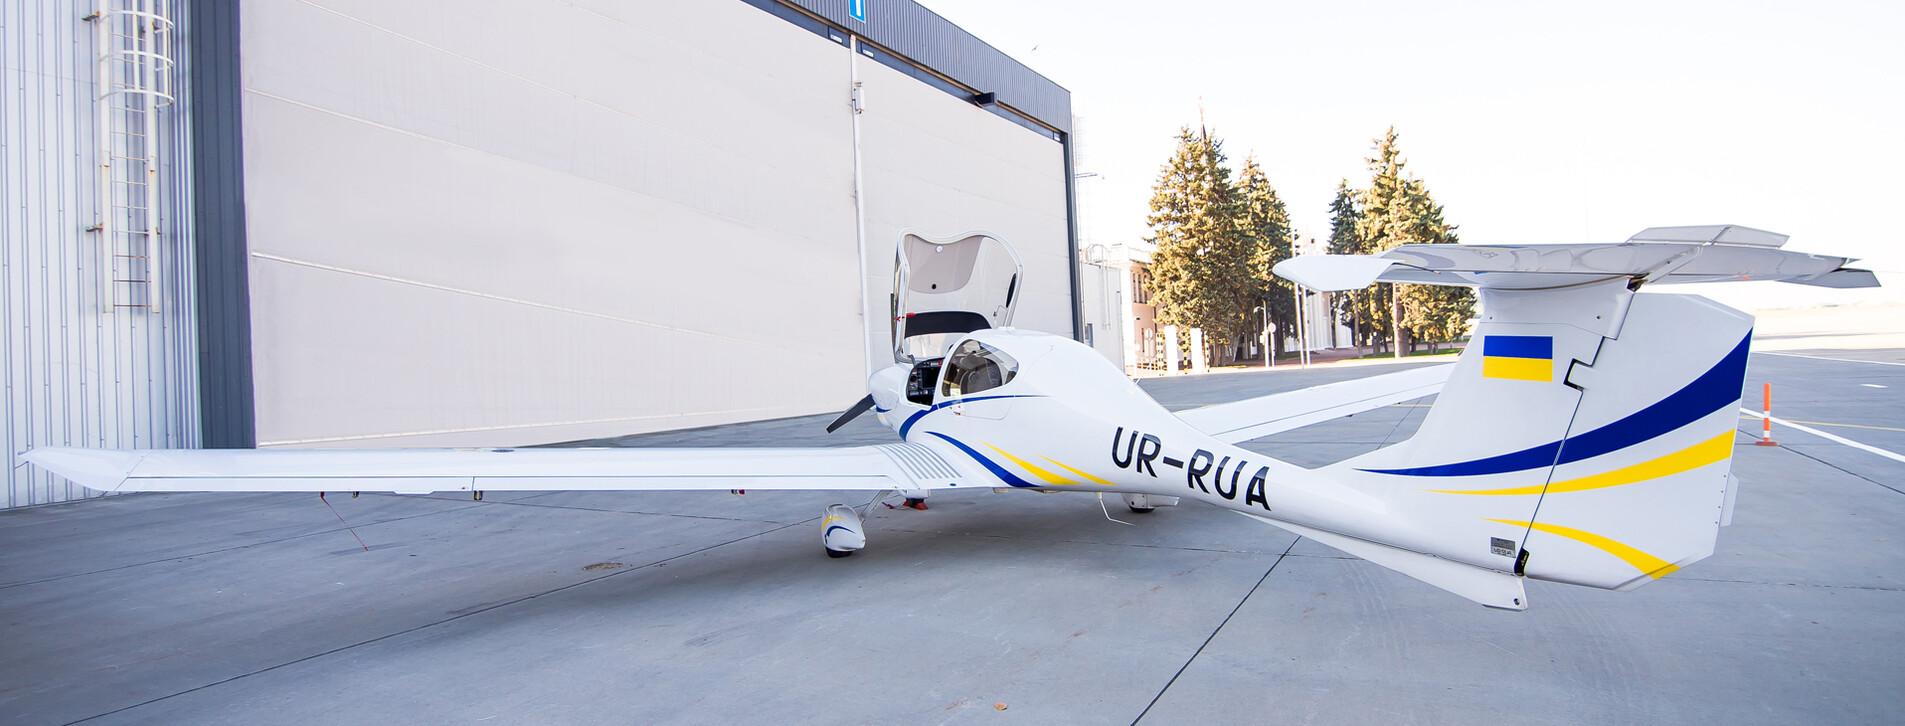 Фото 1 - Тренувальний політ на літаку